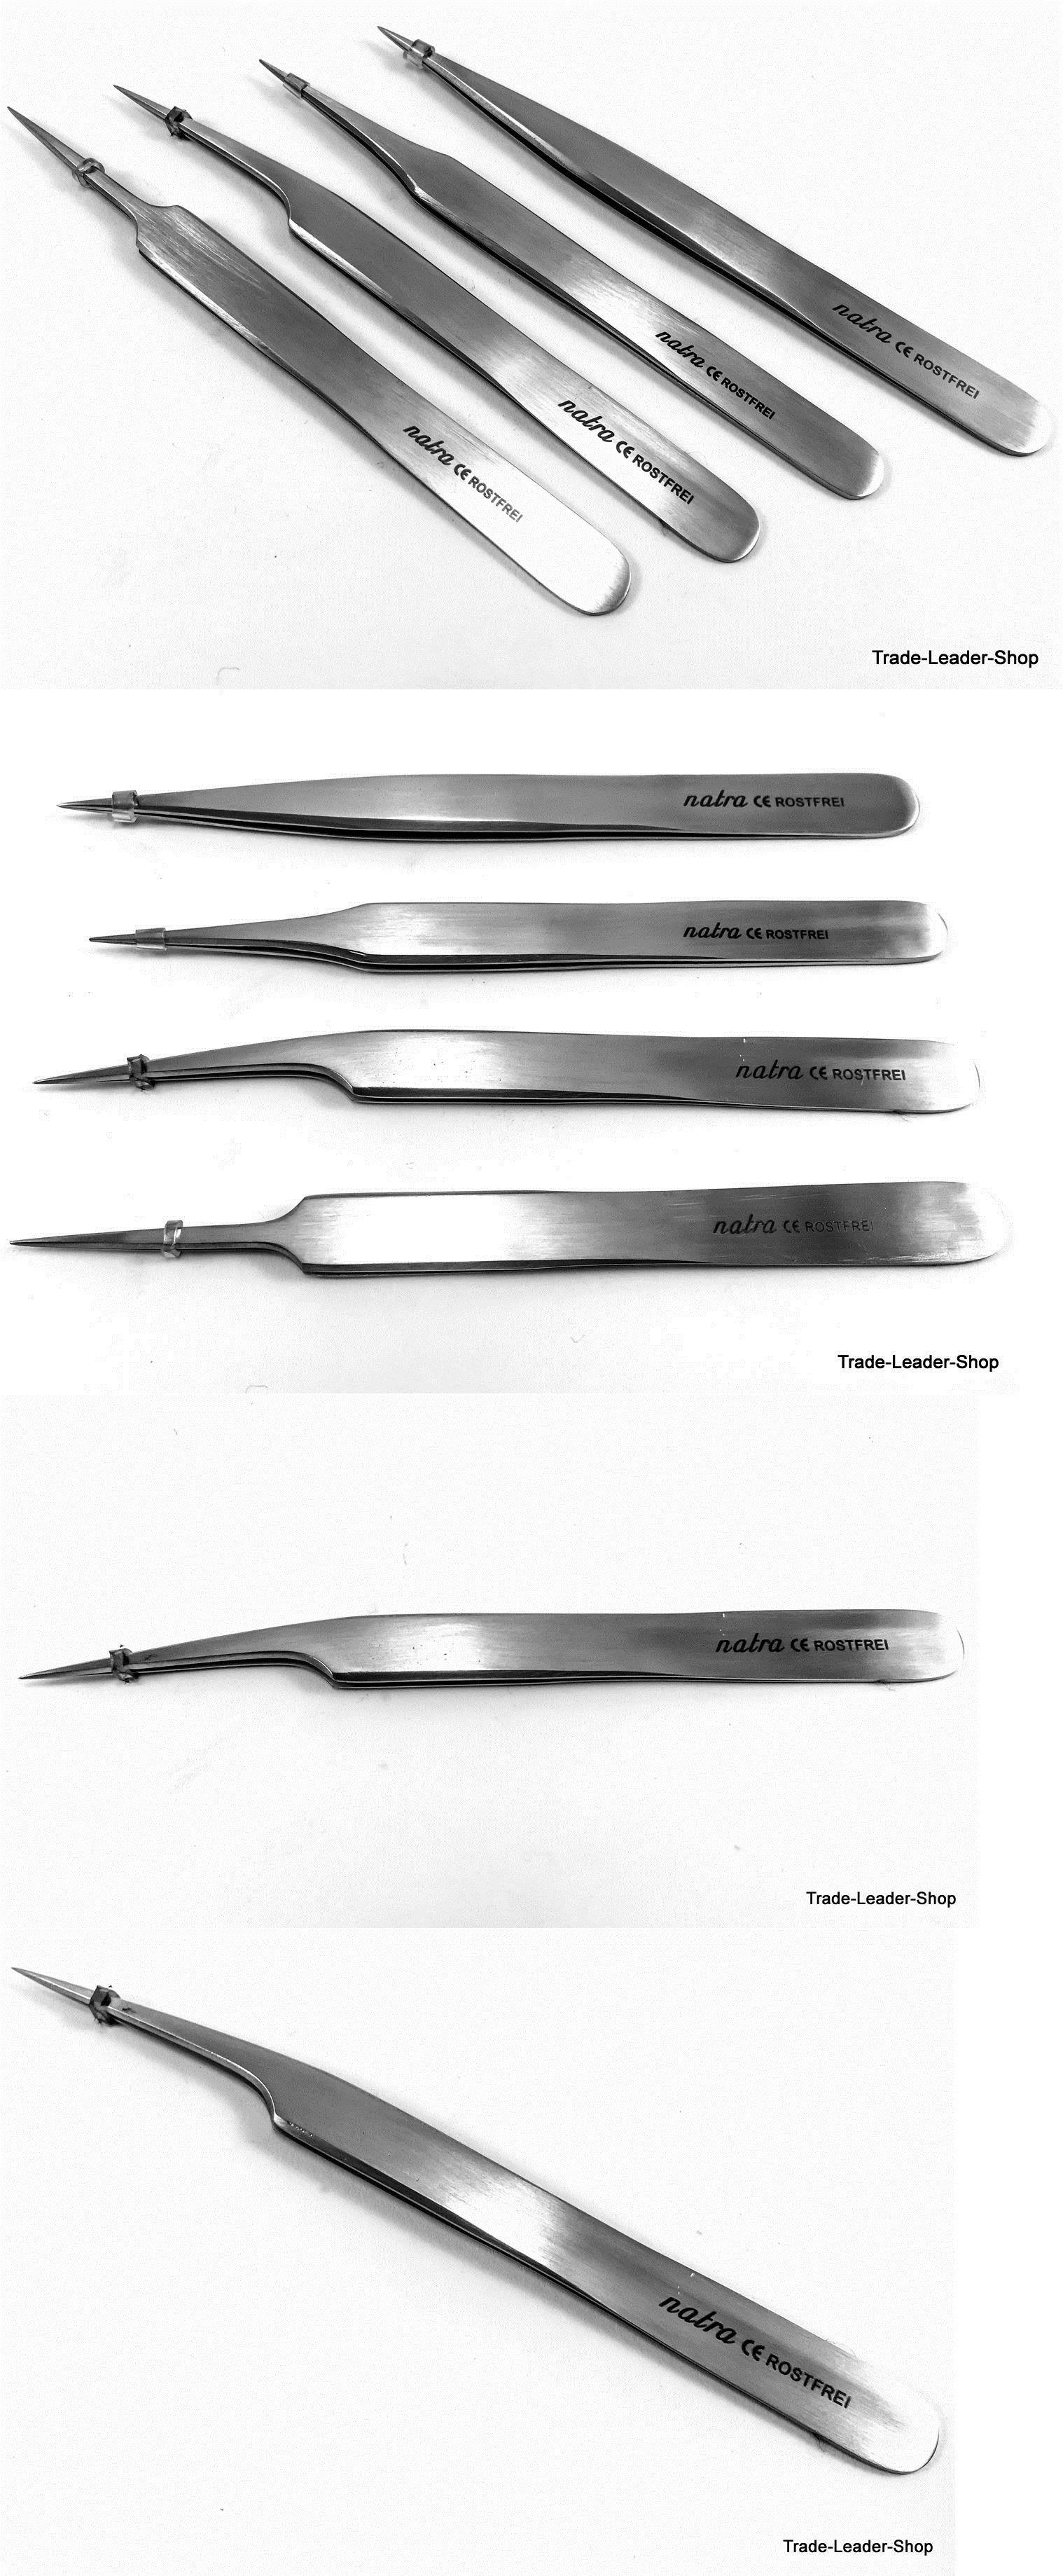 5 Tweezers Stainless steel set non magnetic craft jewellery tweezer tool no2